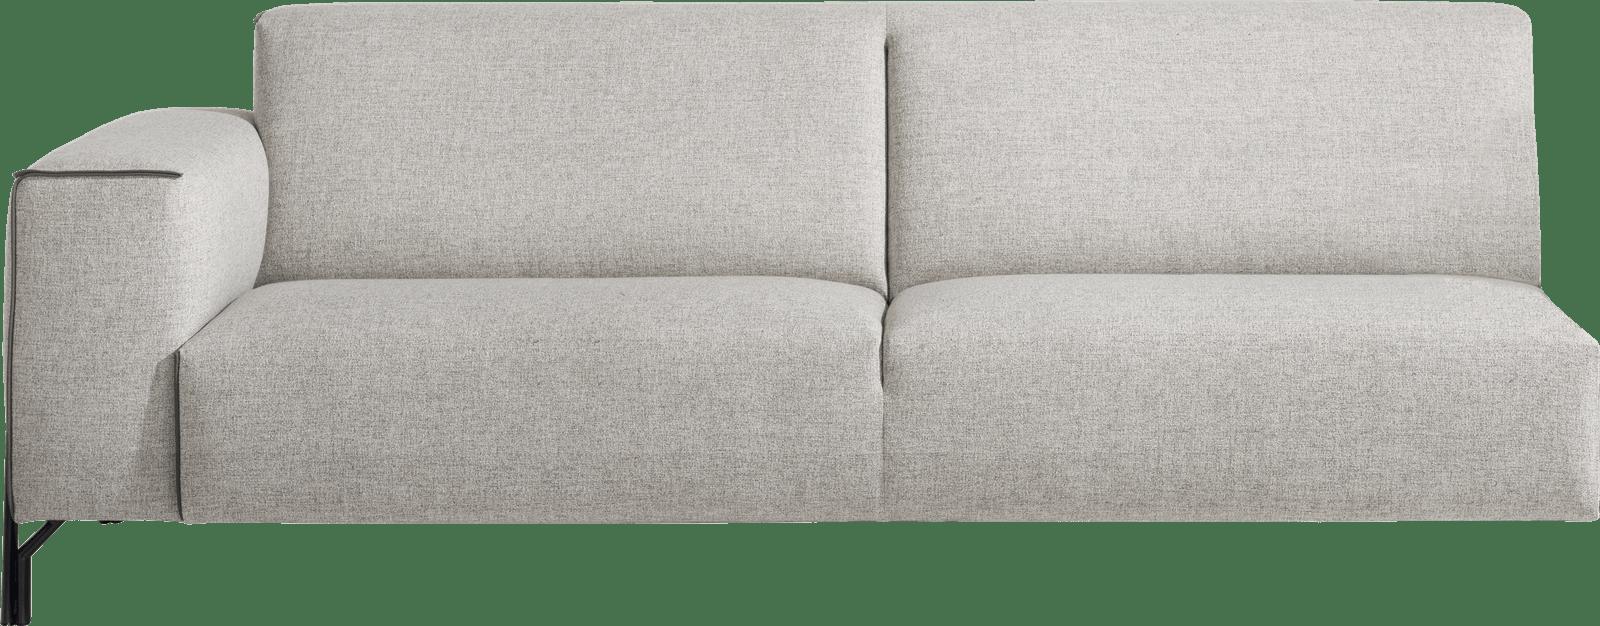 XOOON - Prizzi - Design minimaliste - Toutes les canapés - 3.5-places accoudoir gauche